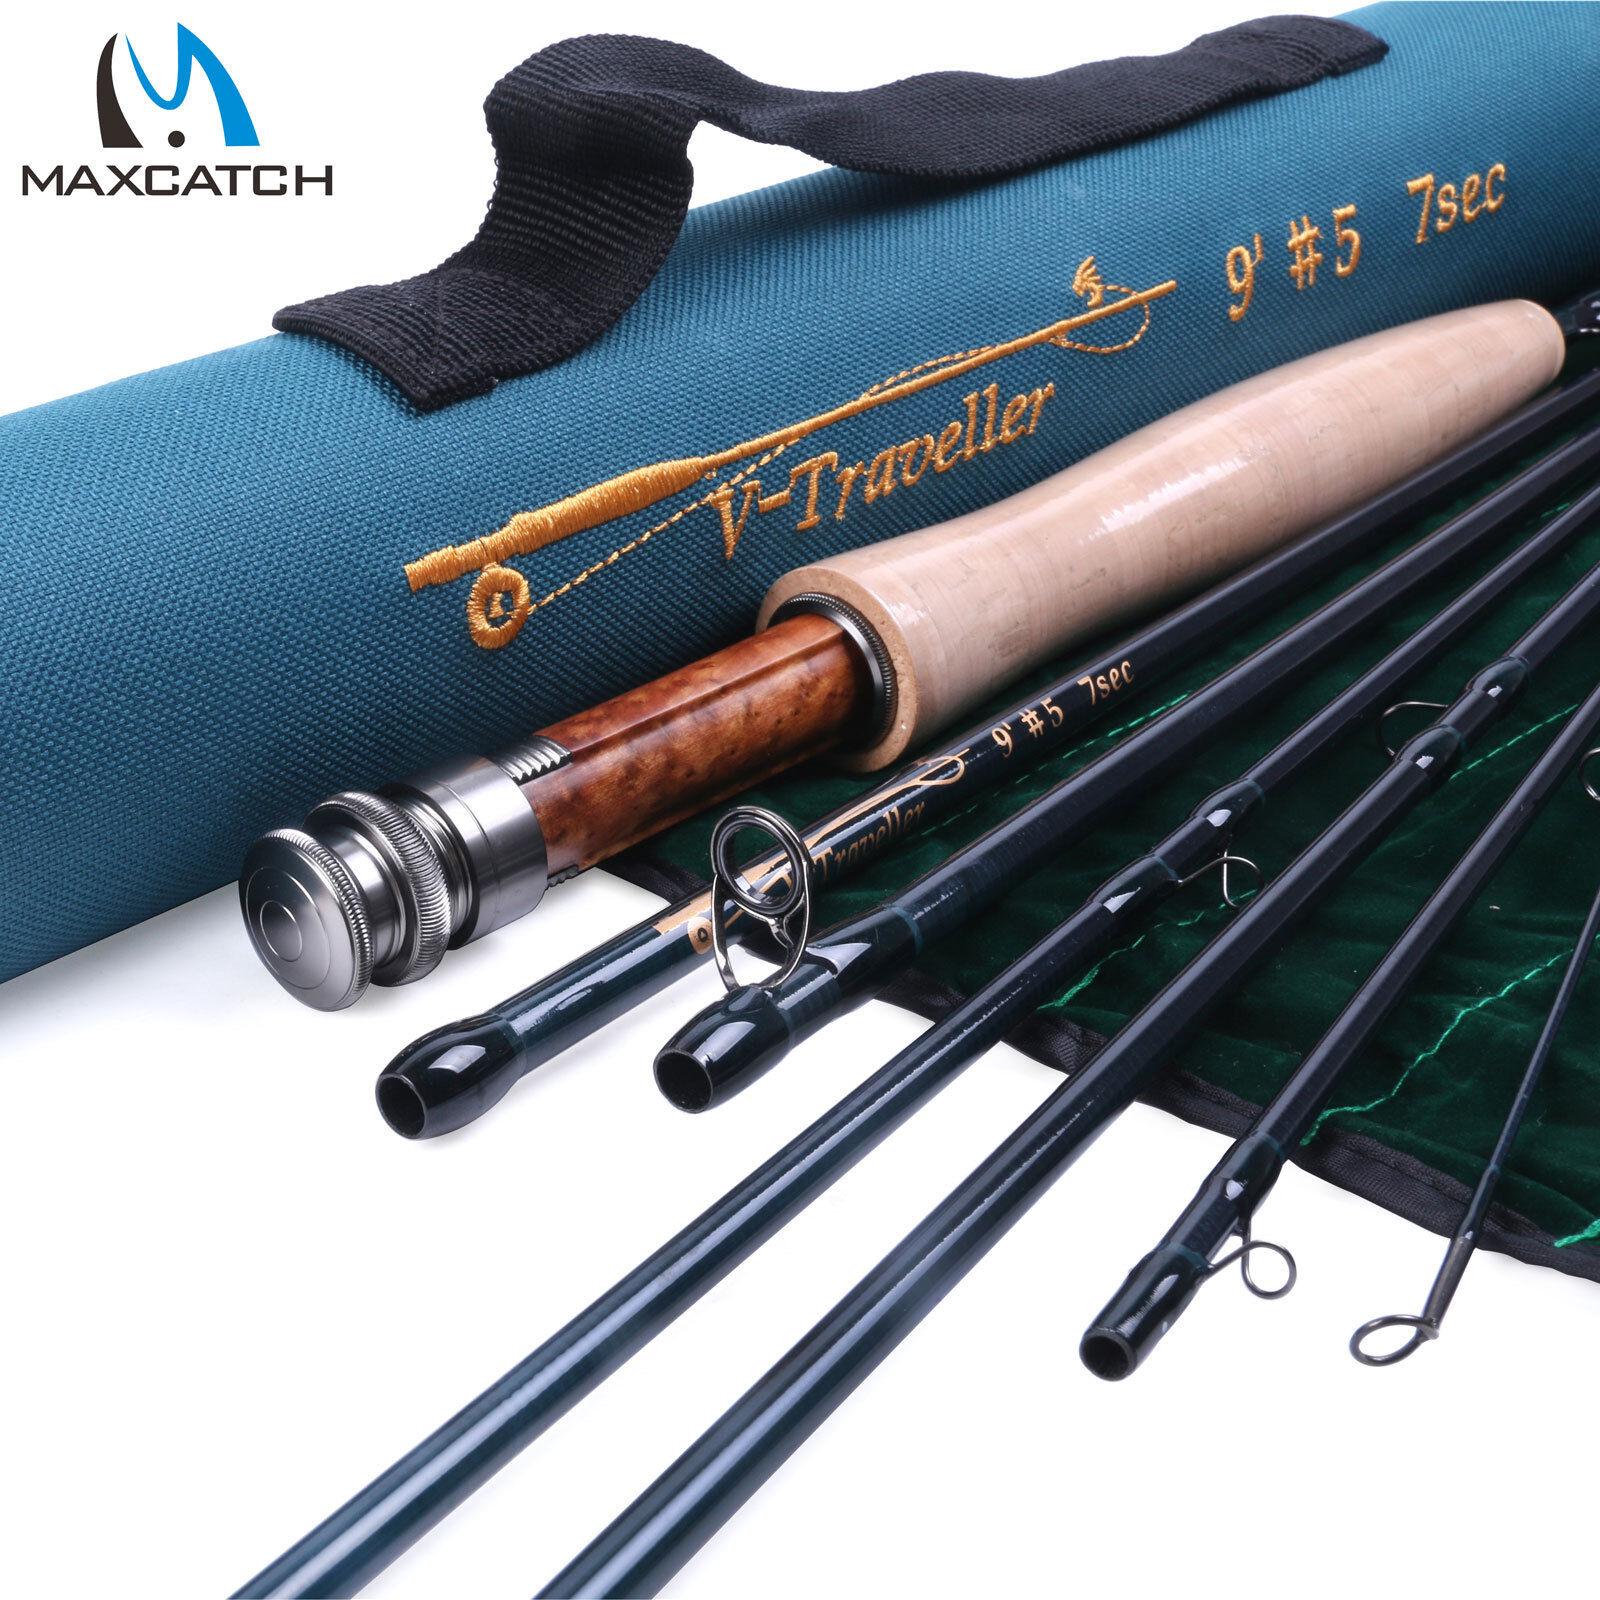 VTraveler Fly Fishing Rod 456789wt 9ft 7pcs, IM10 Carbon fiber W Rod Tube